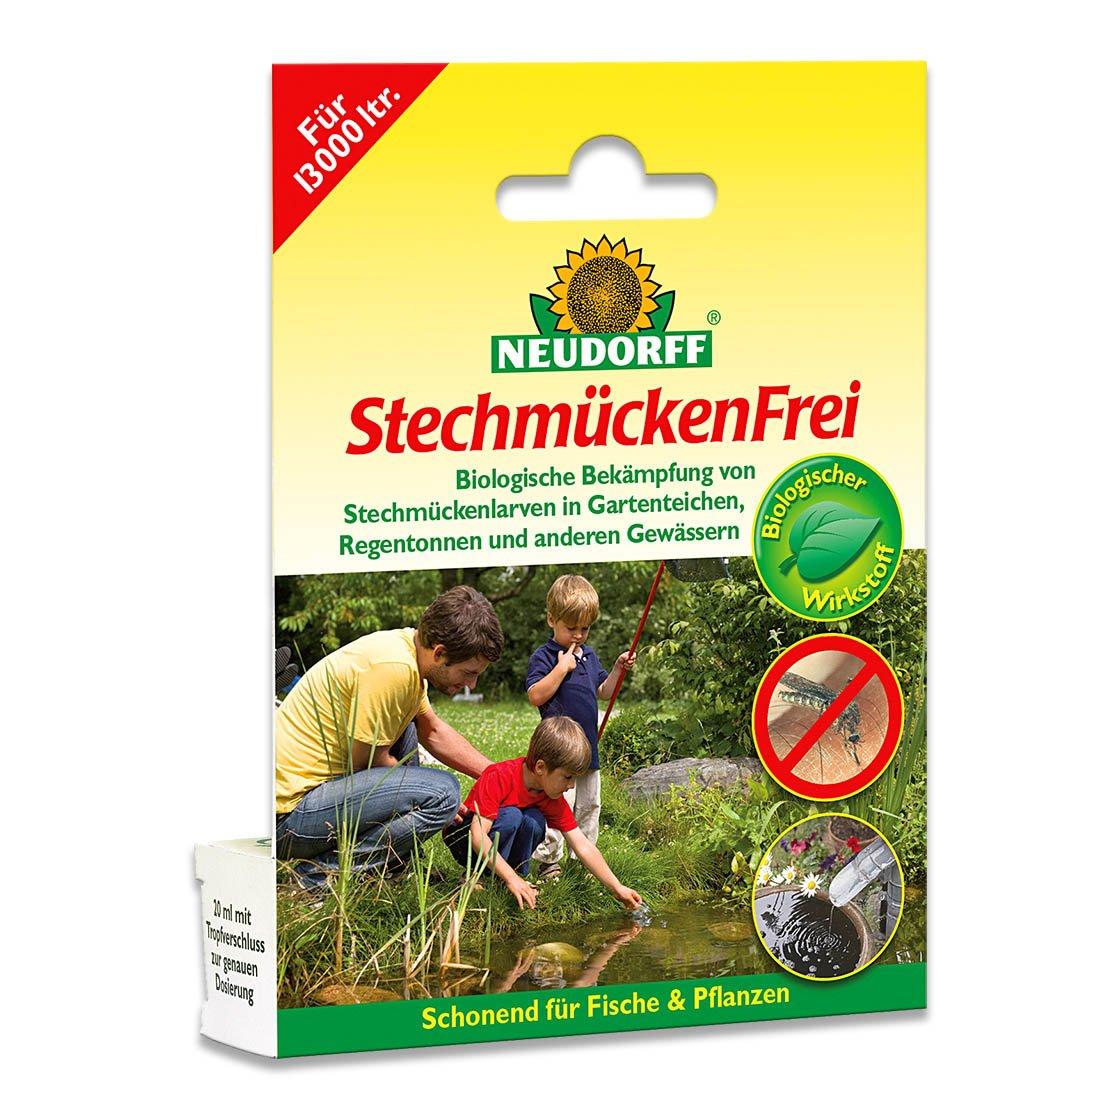 Neudorff StechmückenFrei